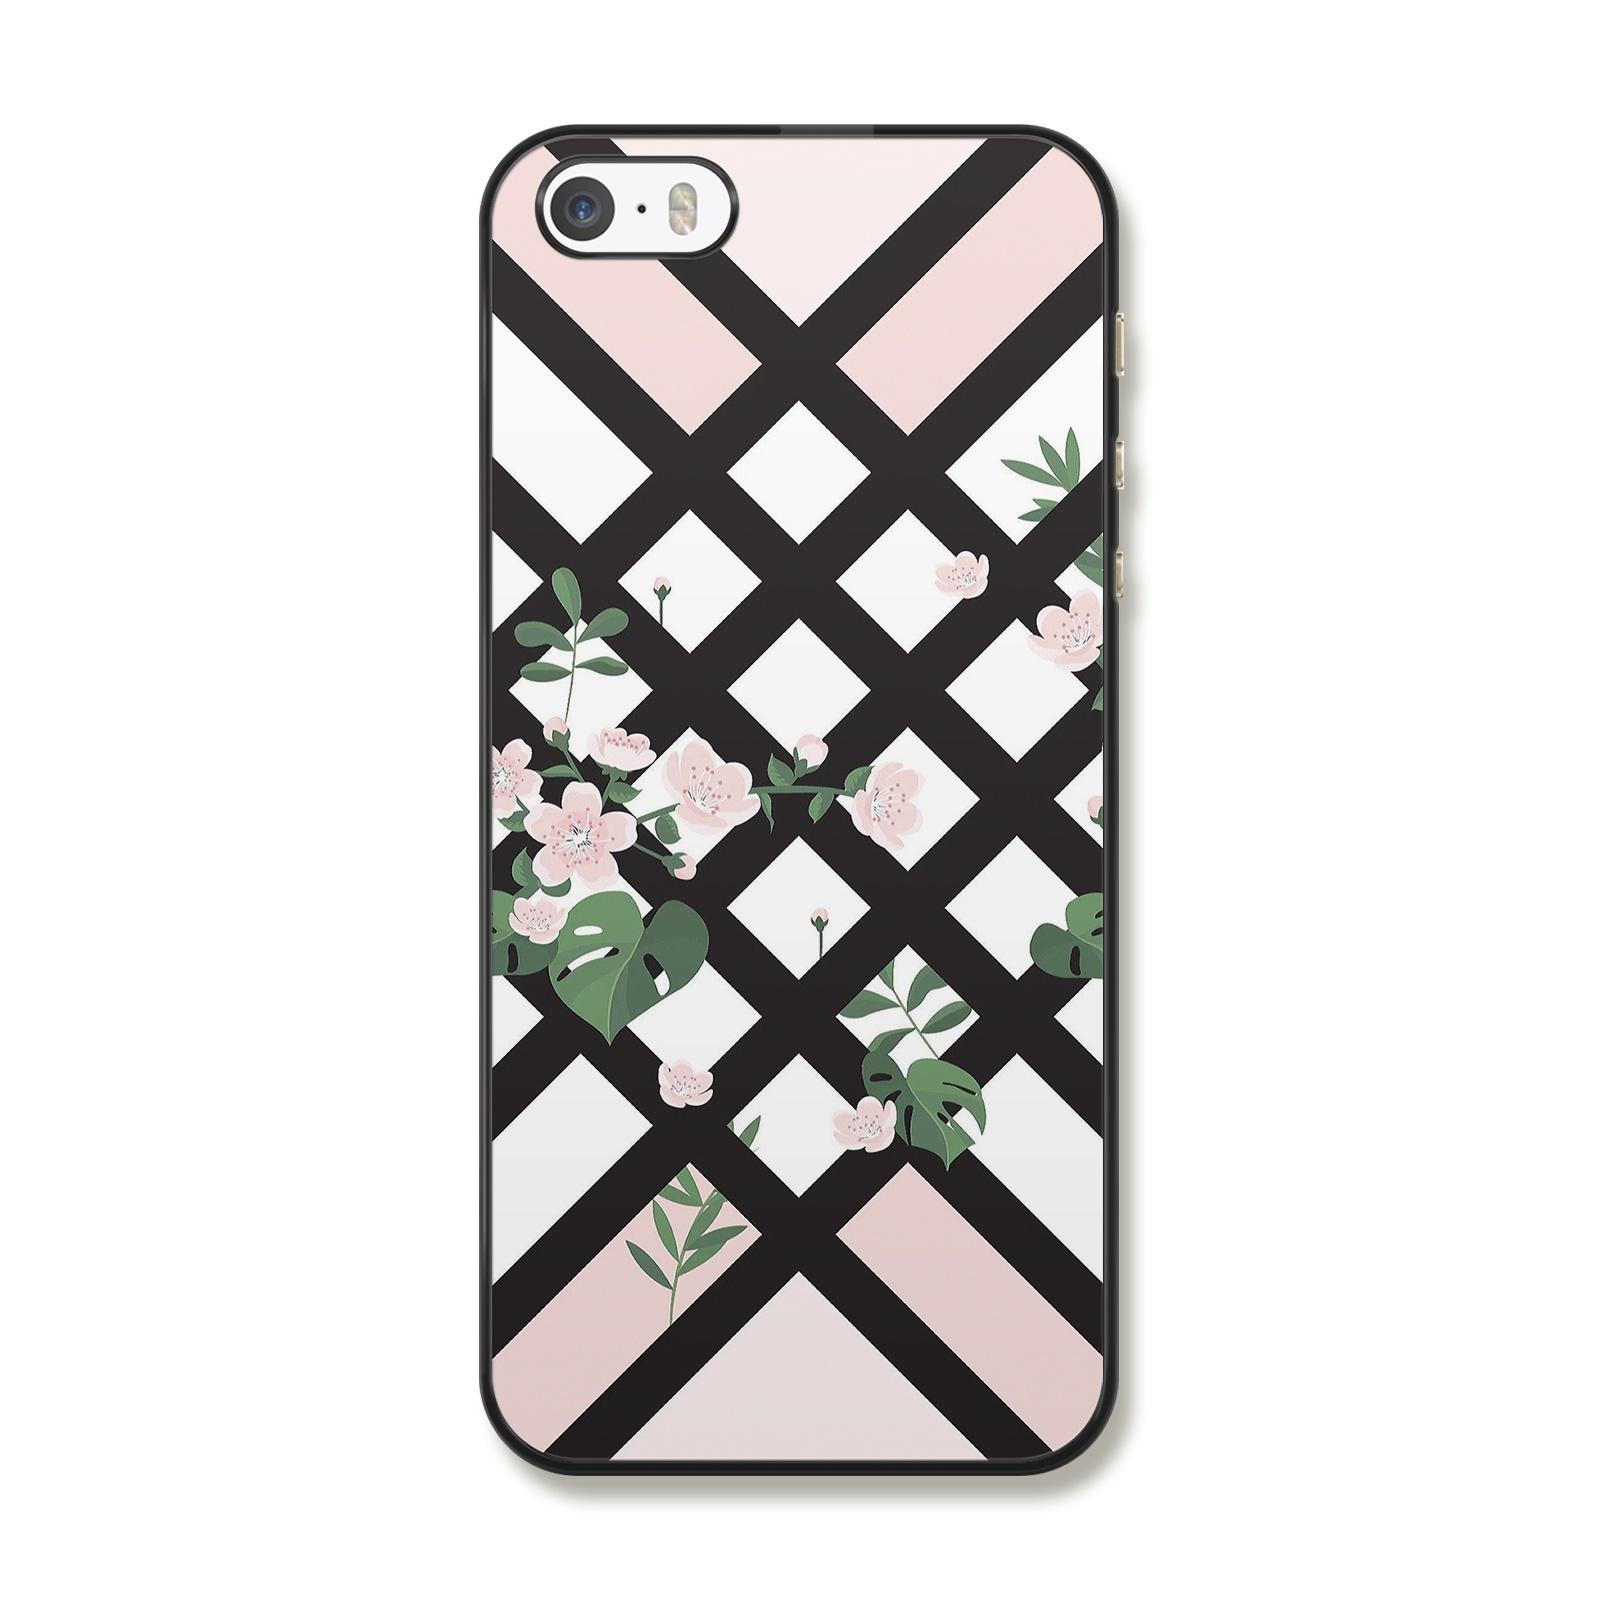 лучшая цена Чехол для сотового телефона Boom Case Чехол для iPhone 5/5S/SE